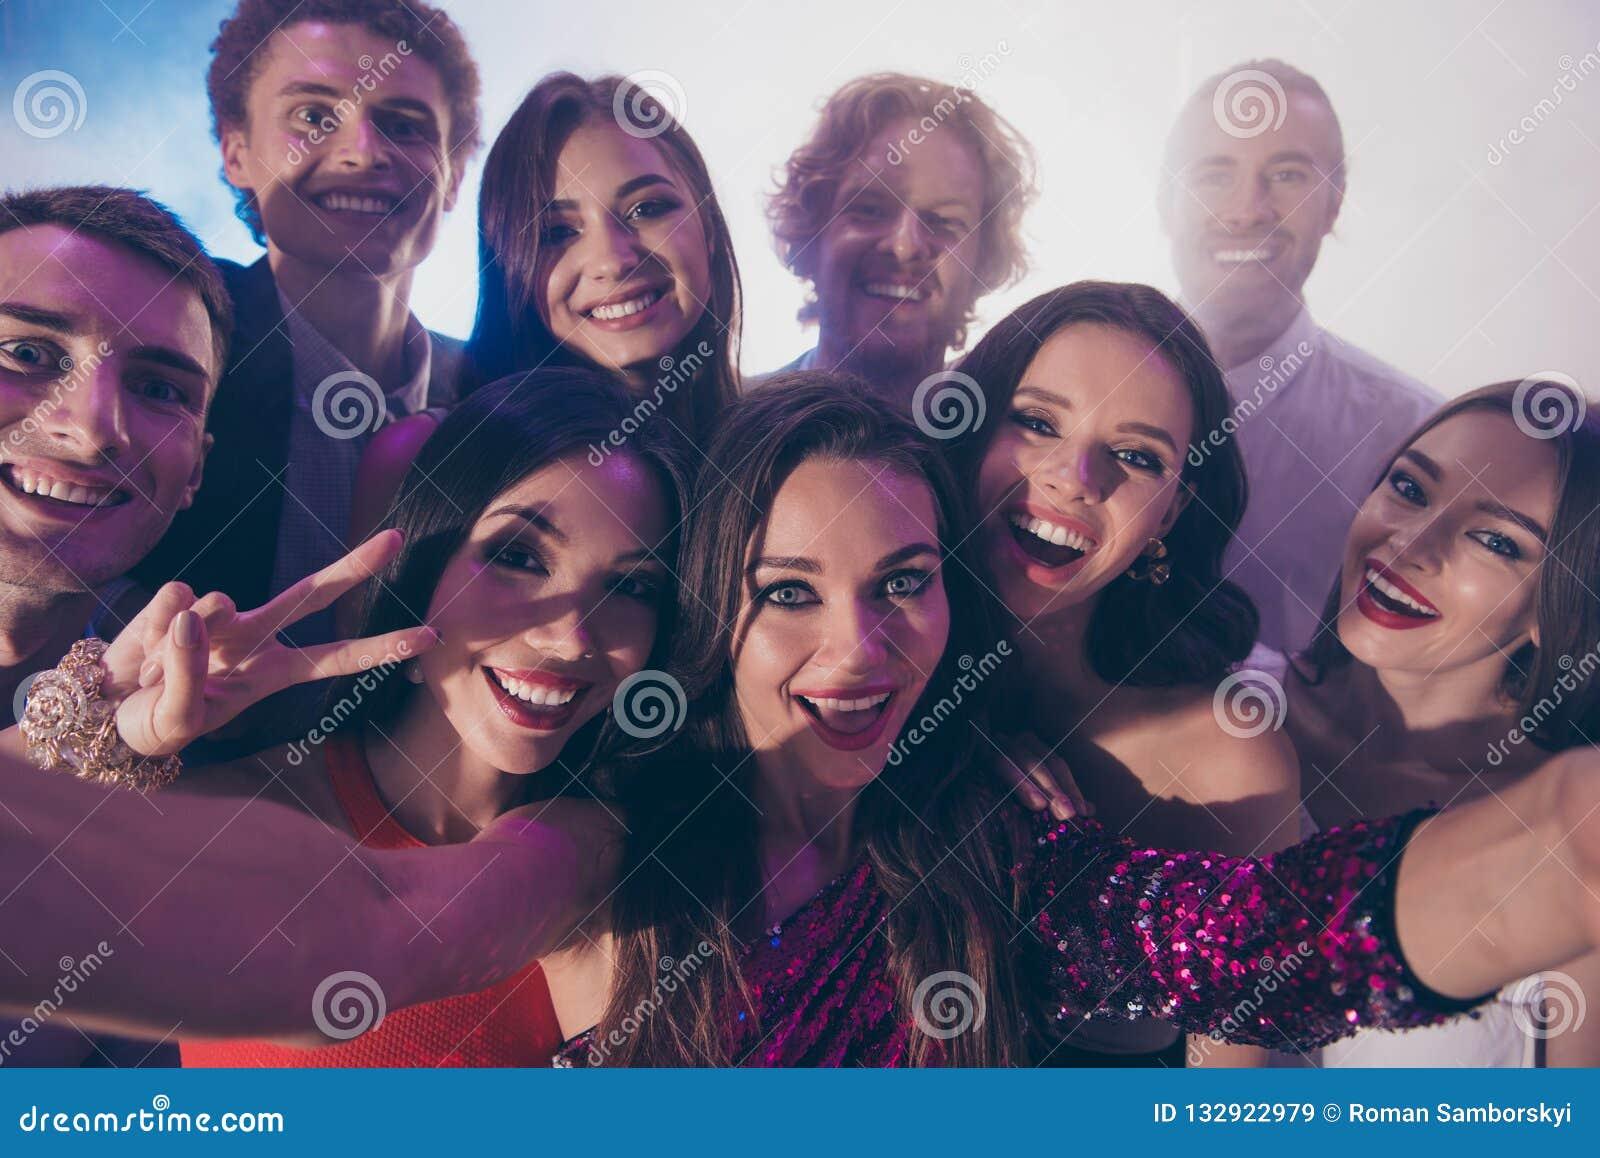 Niedriger oben genannter Draufsichtabschluß des Winkels herauf Fotoporträt von Personen umarmen